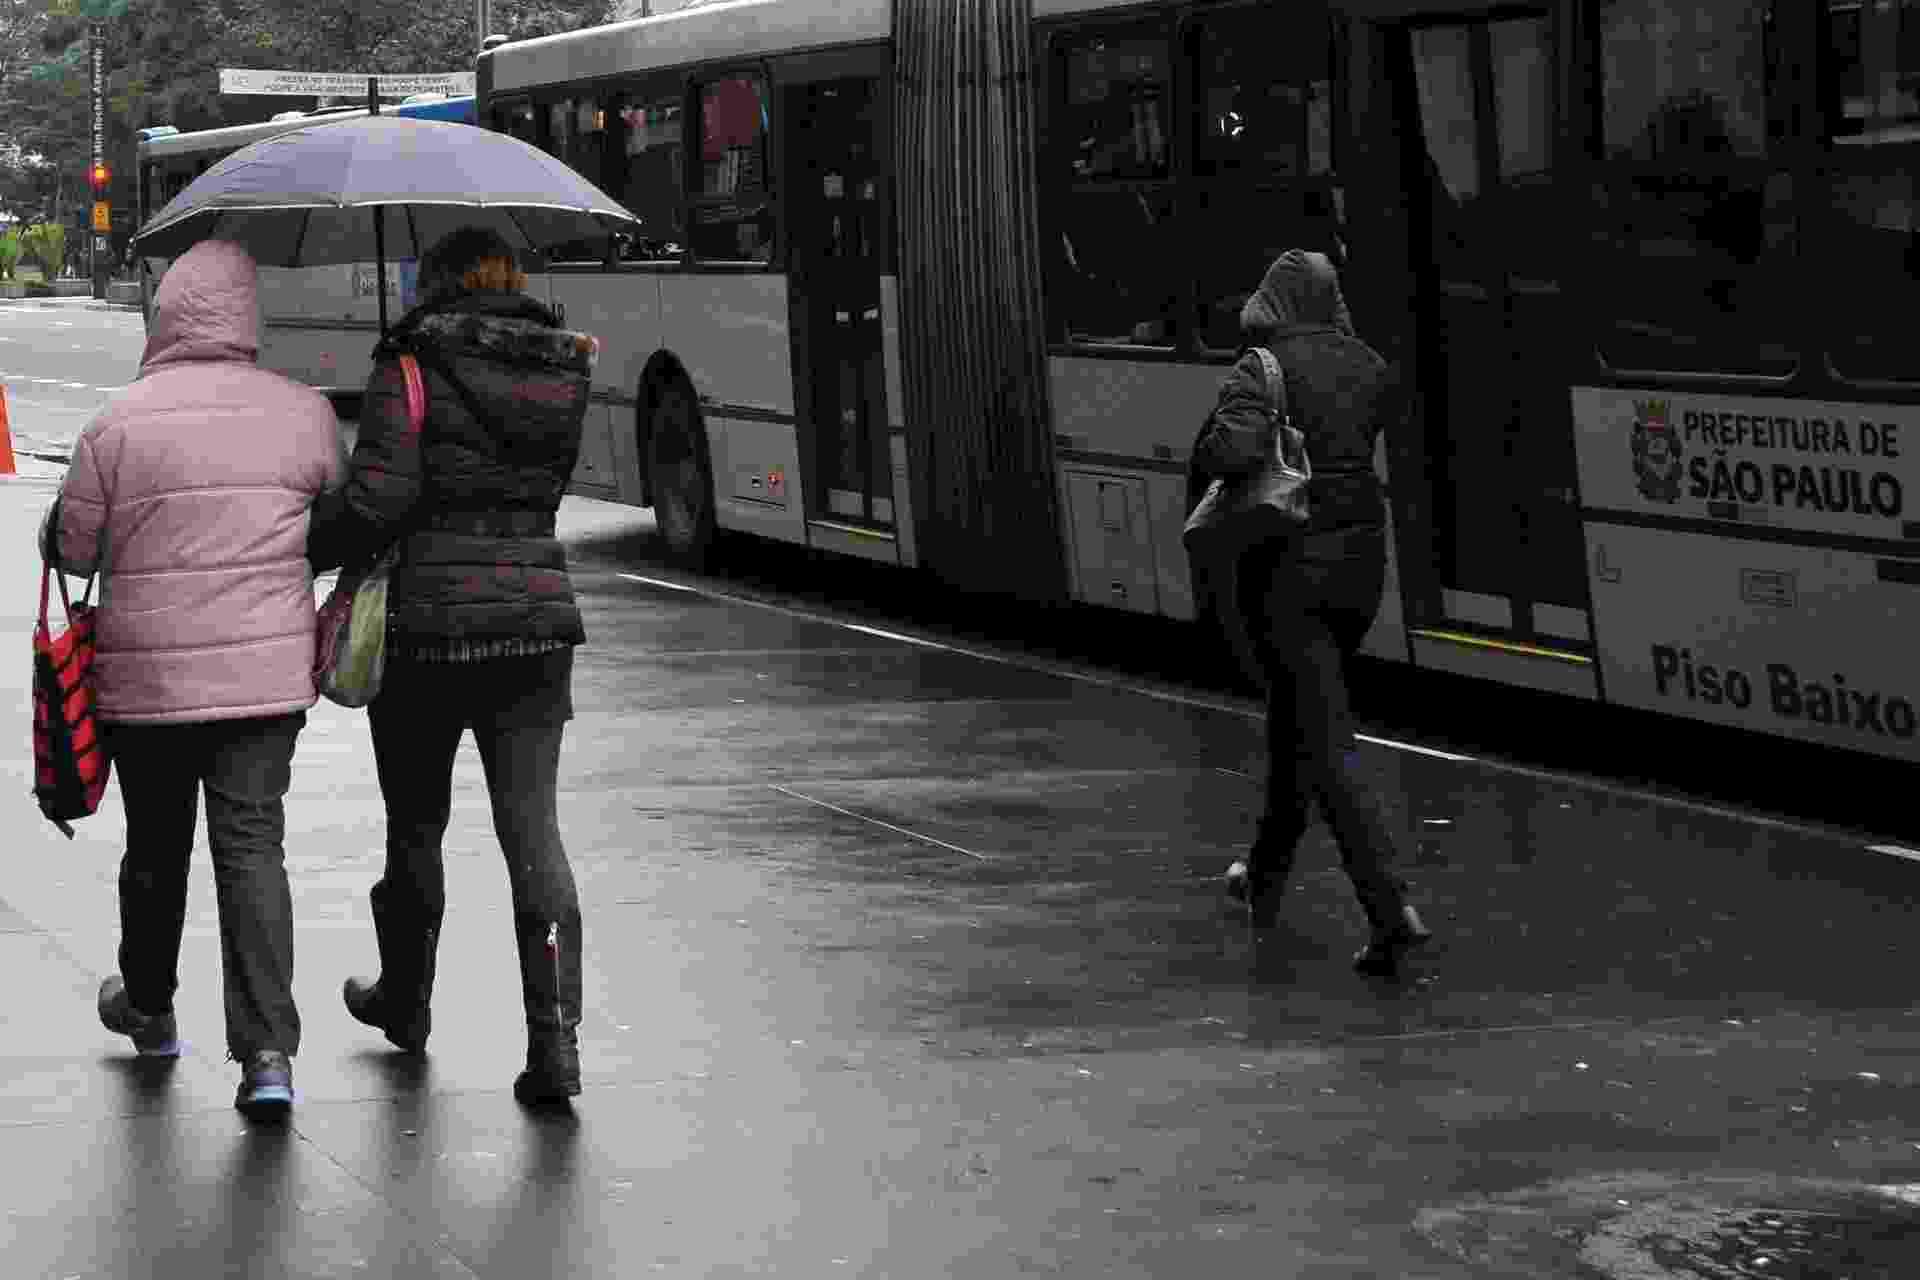 2.jul.2013- Pedestre enfrenta frio e garoa nesta terça-feira (2), na Avenida Paulista em São Paulo (SP). Os termômetros registram máxima de 16,2°C, a menor temperatura máxima do ano - J. Duran Machfee/Futura Press